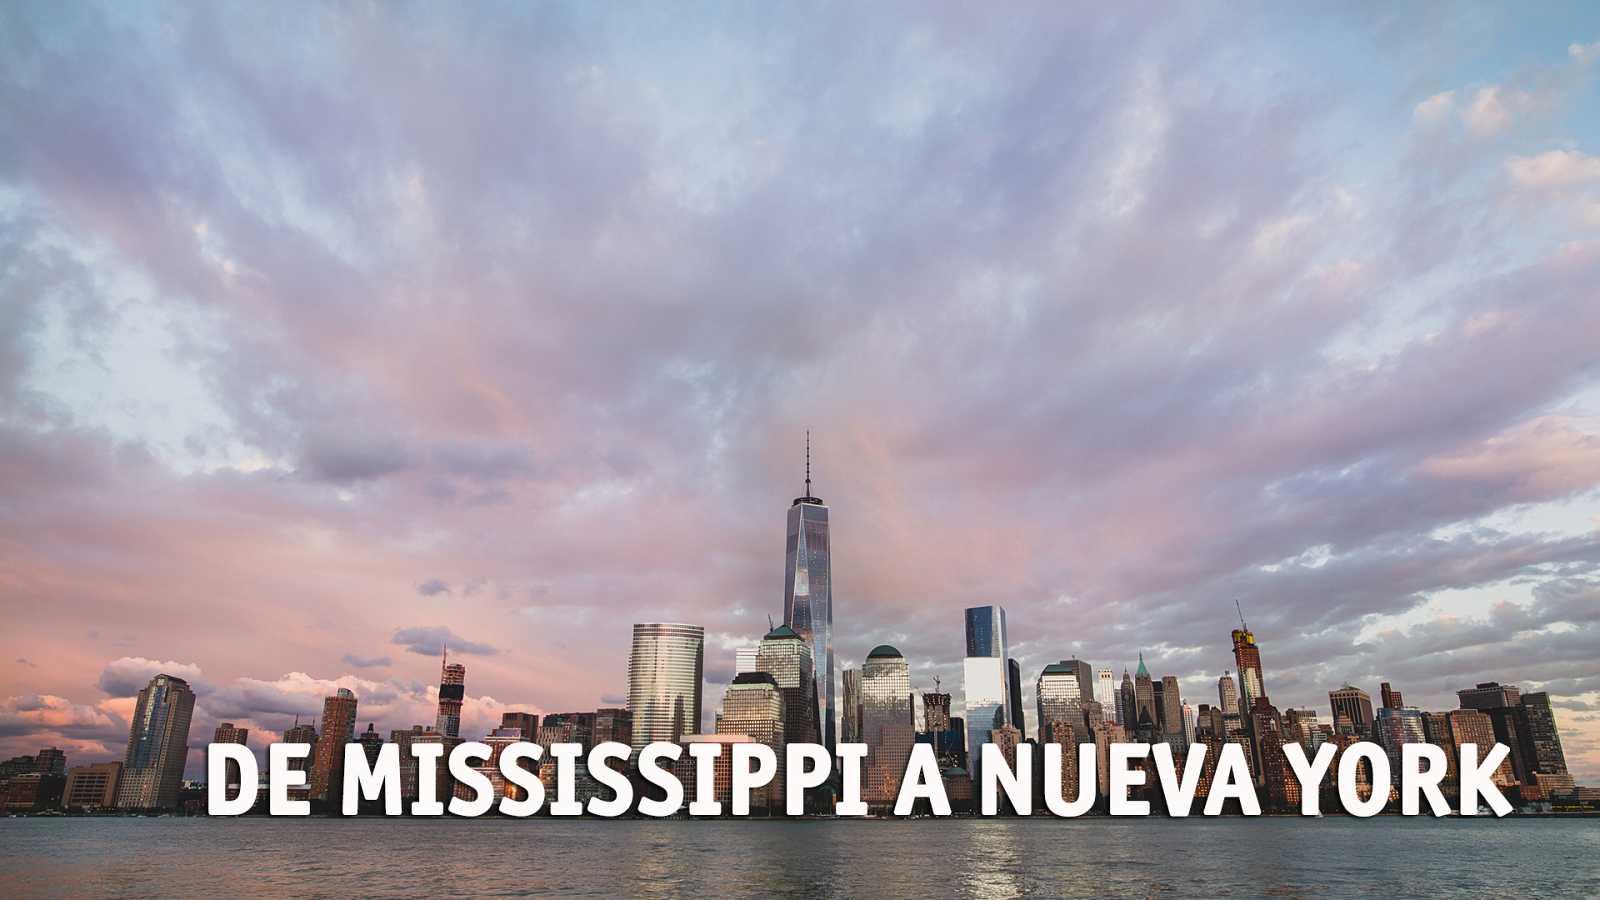 De Mississippi a Nueva York - Leo Ornstein, Henri Lazarof - 28/02/18 - escuchar ahora